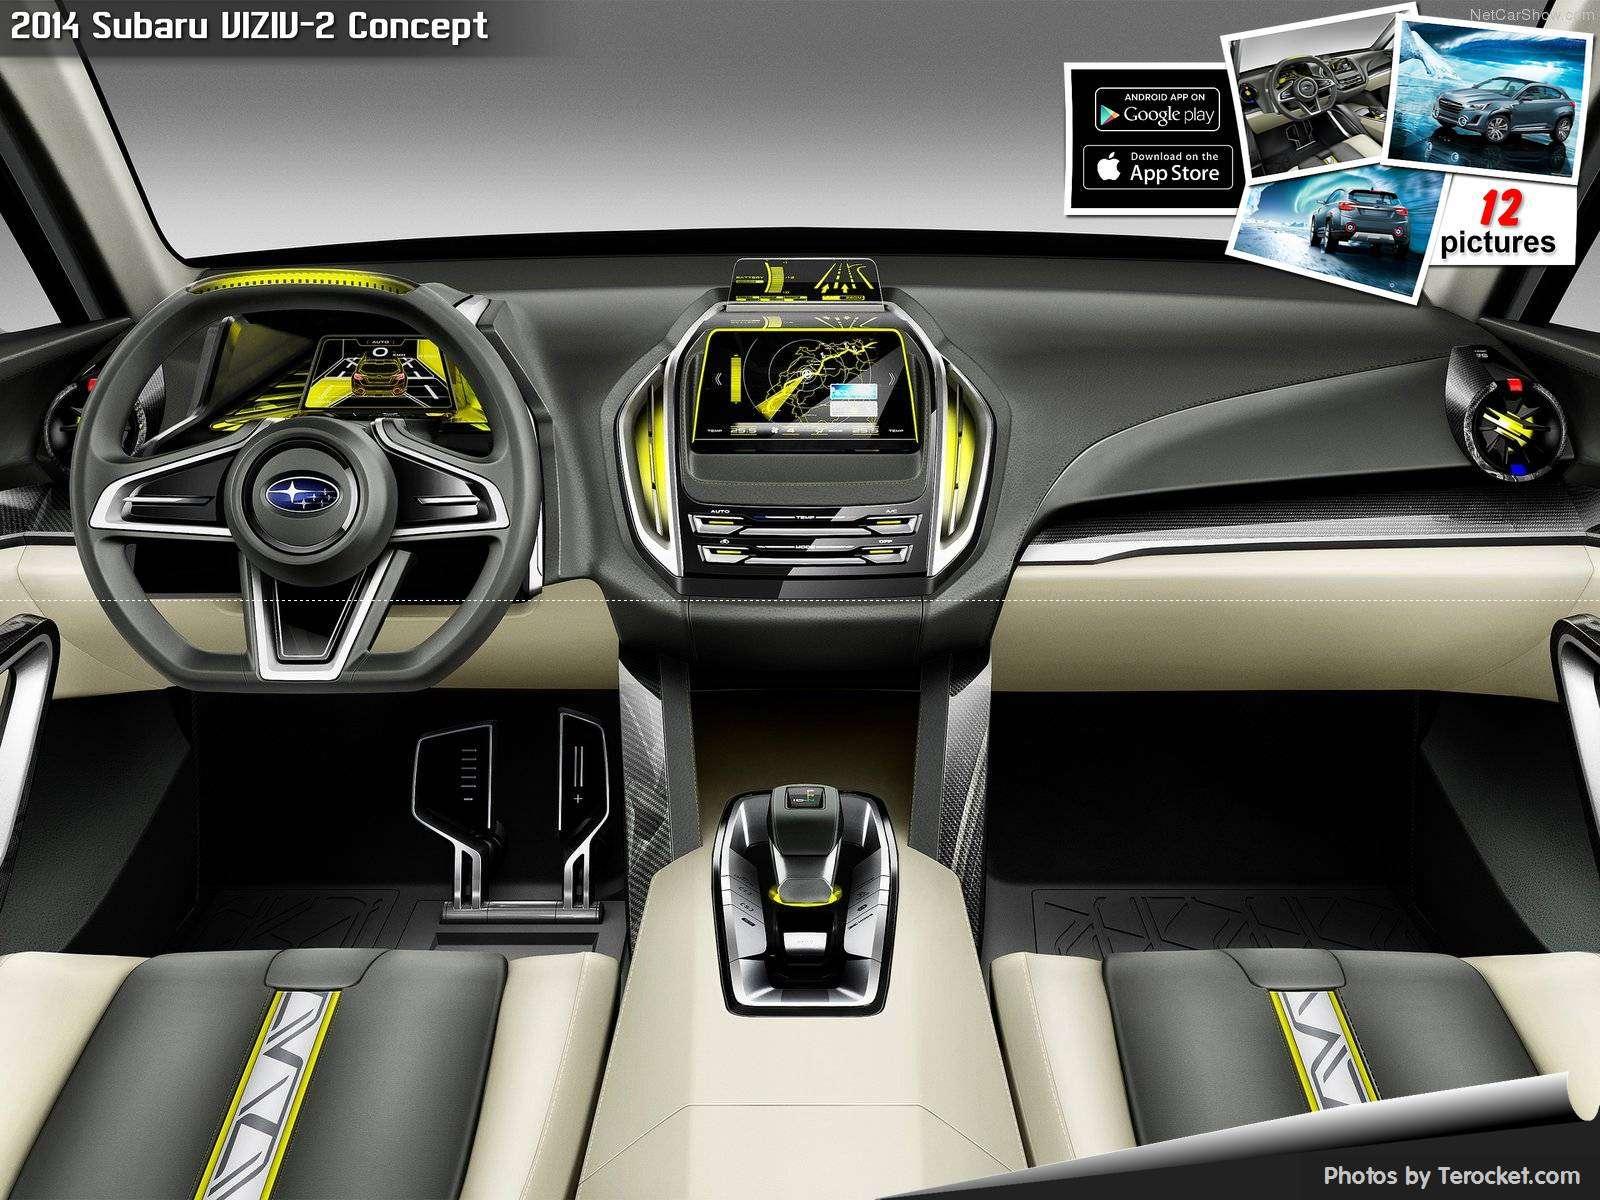 Hình ảnh xe ô tô Subaru VIZIV-2 Concept 2014 & nội ngoại thất